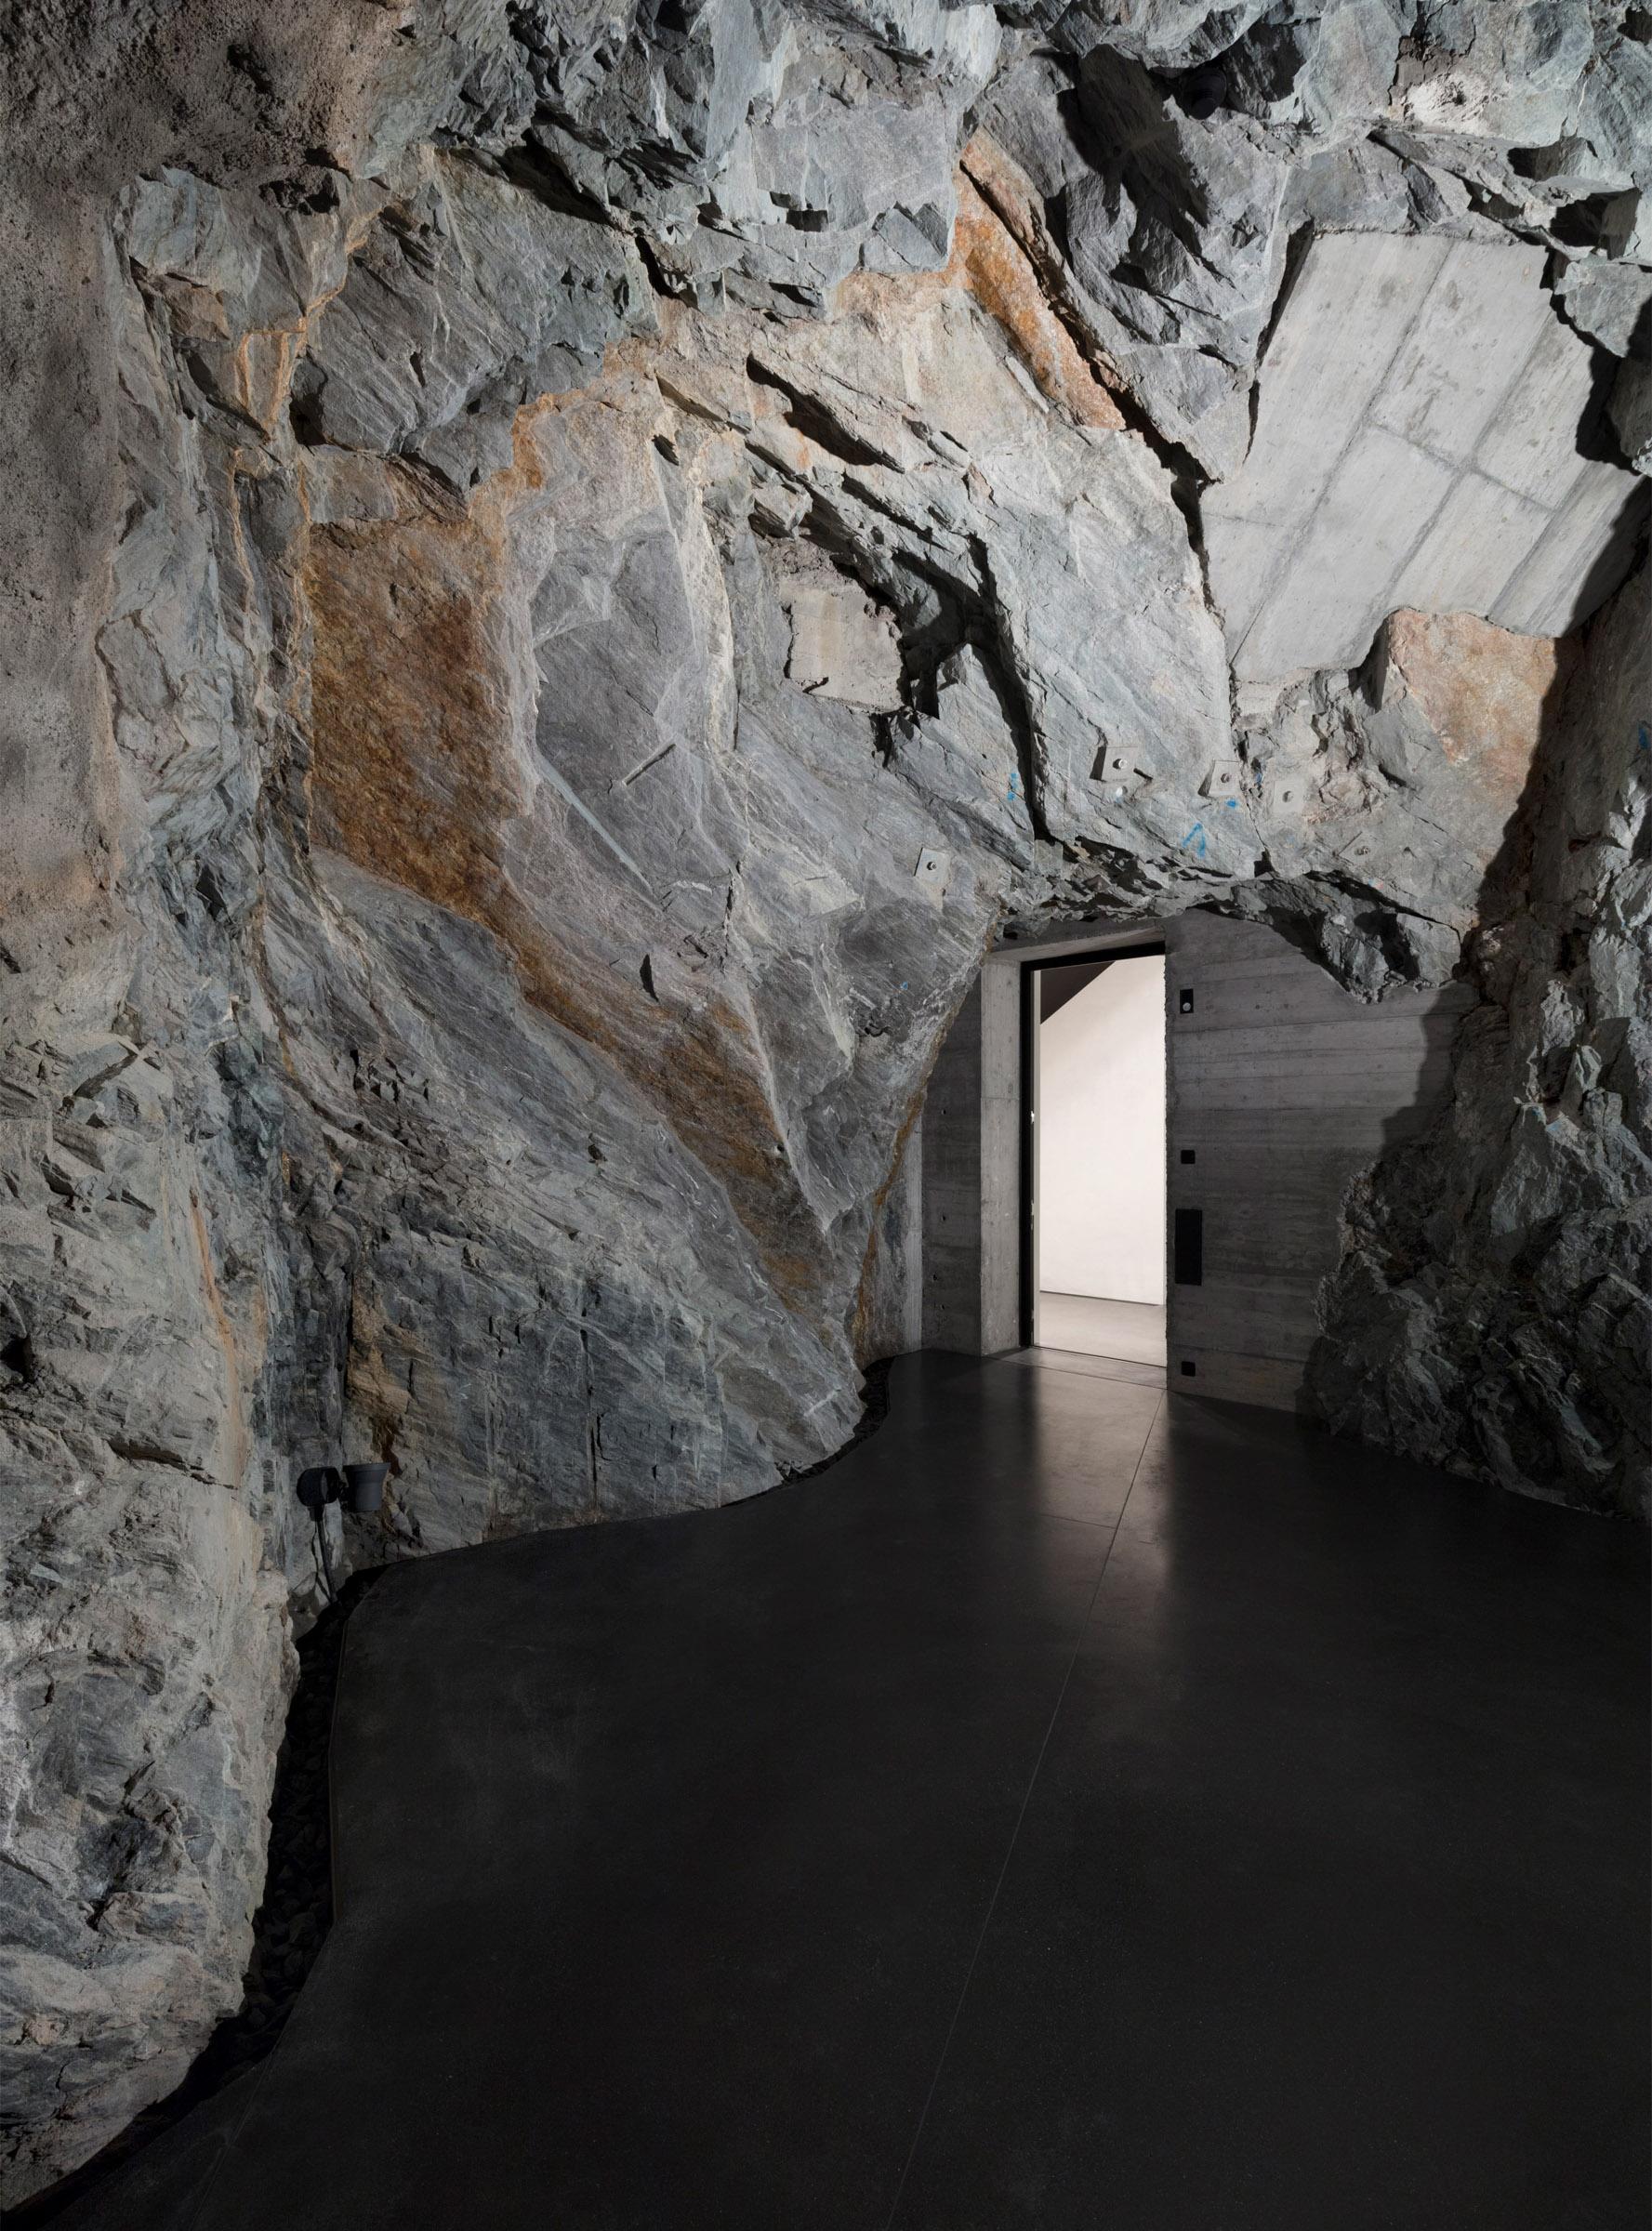 muzeum-susch-chasper-schmidlin-lukas-voellmy-subterranean-museum-architecture-switzerland_dezeen_2364_col_16